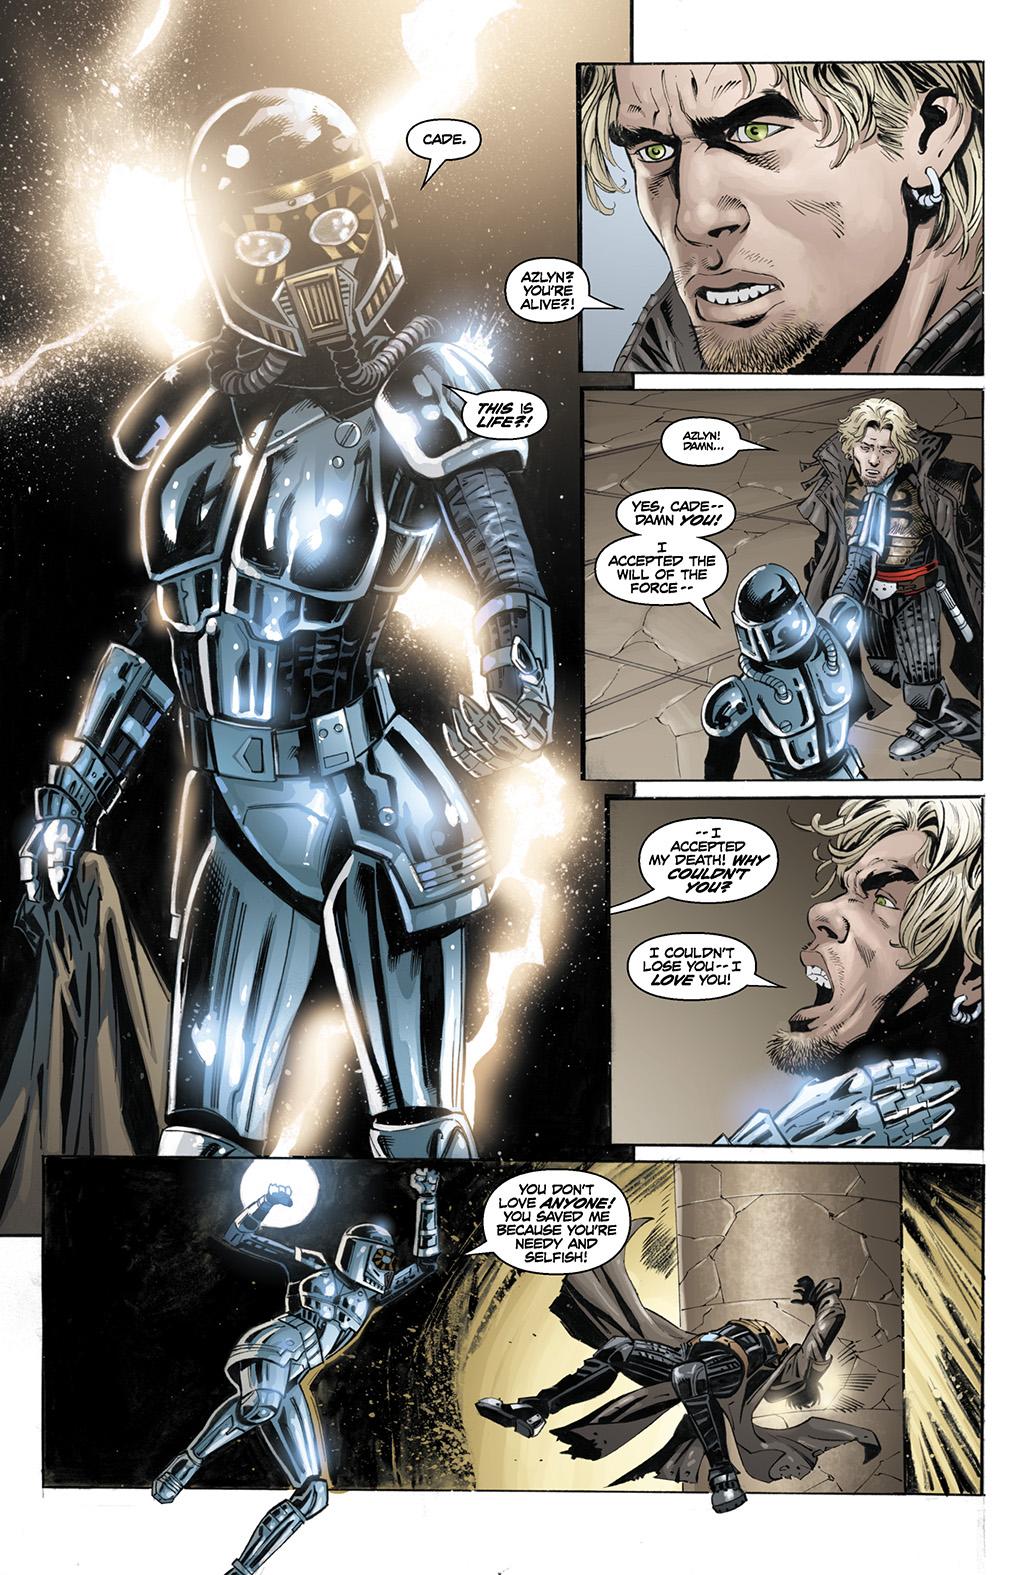 Azlyn Rae In A Darth Vader Armor